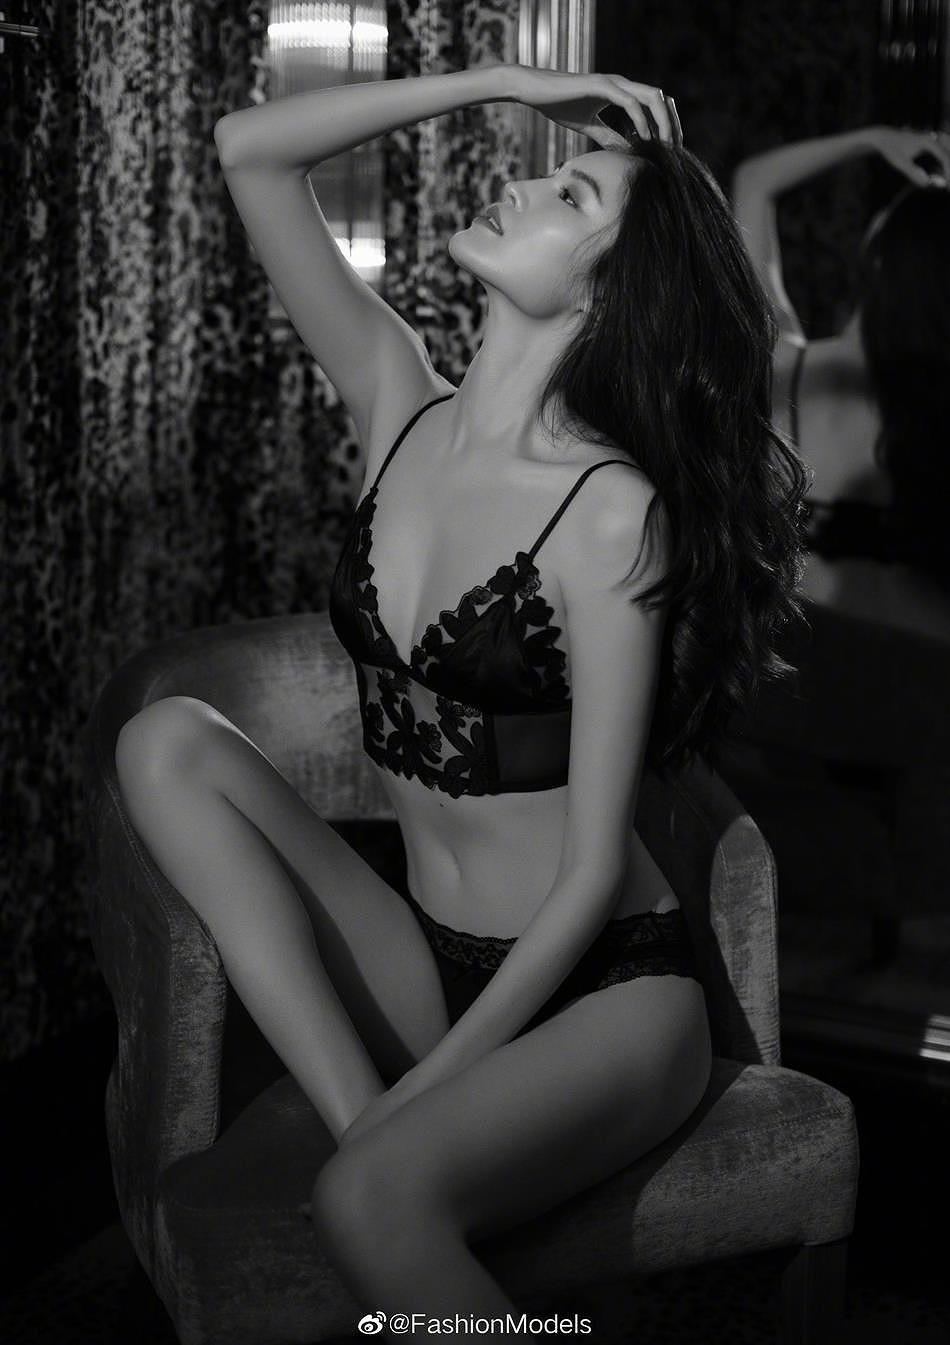 Siêu mẫu Victoria's Secret gốc Á mặc nội y ren, khoe lưng trần gợi cảm Ảnh 7